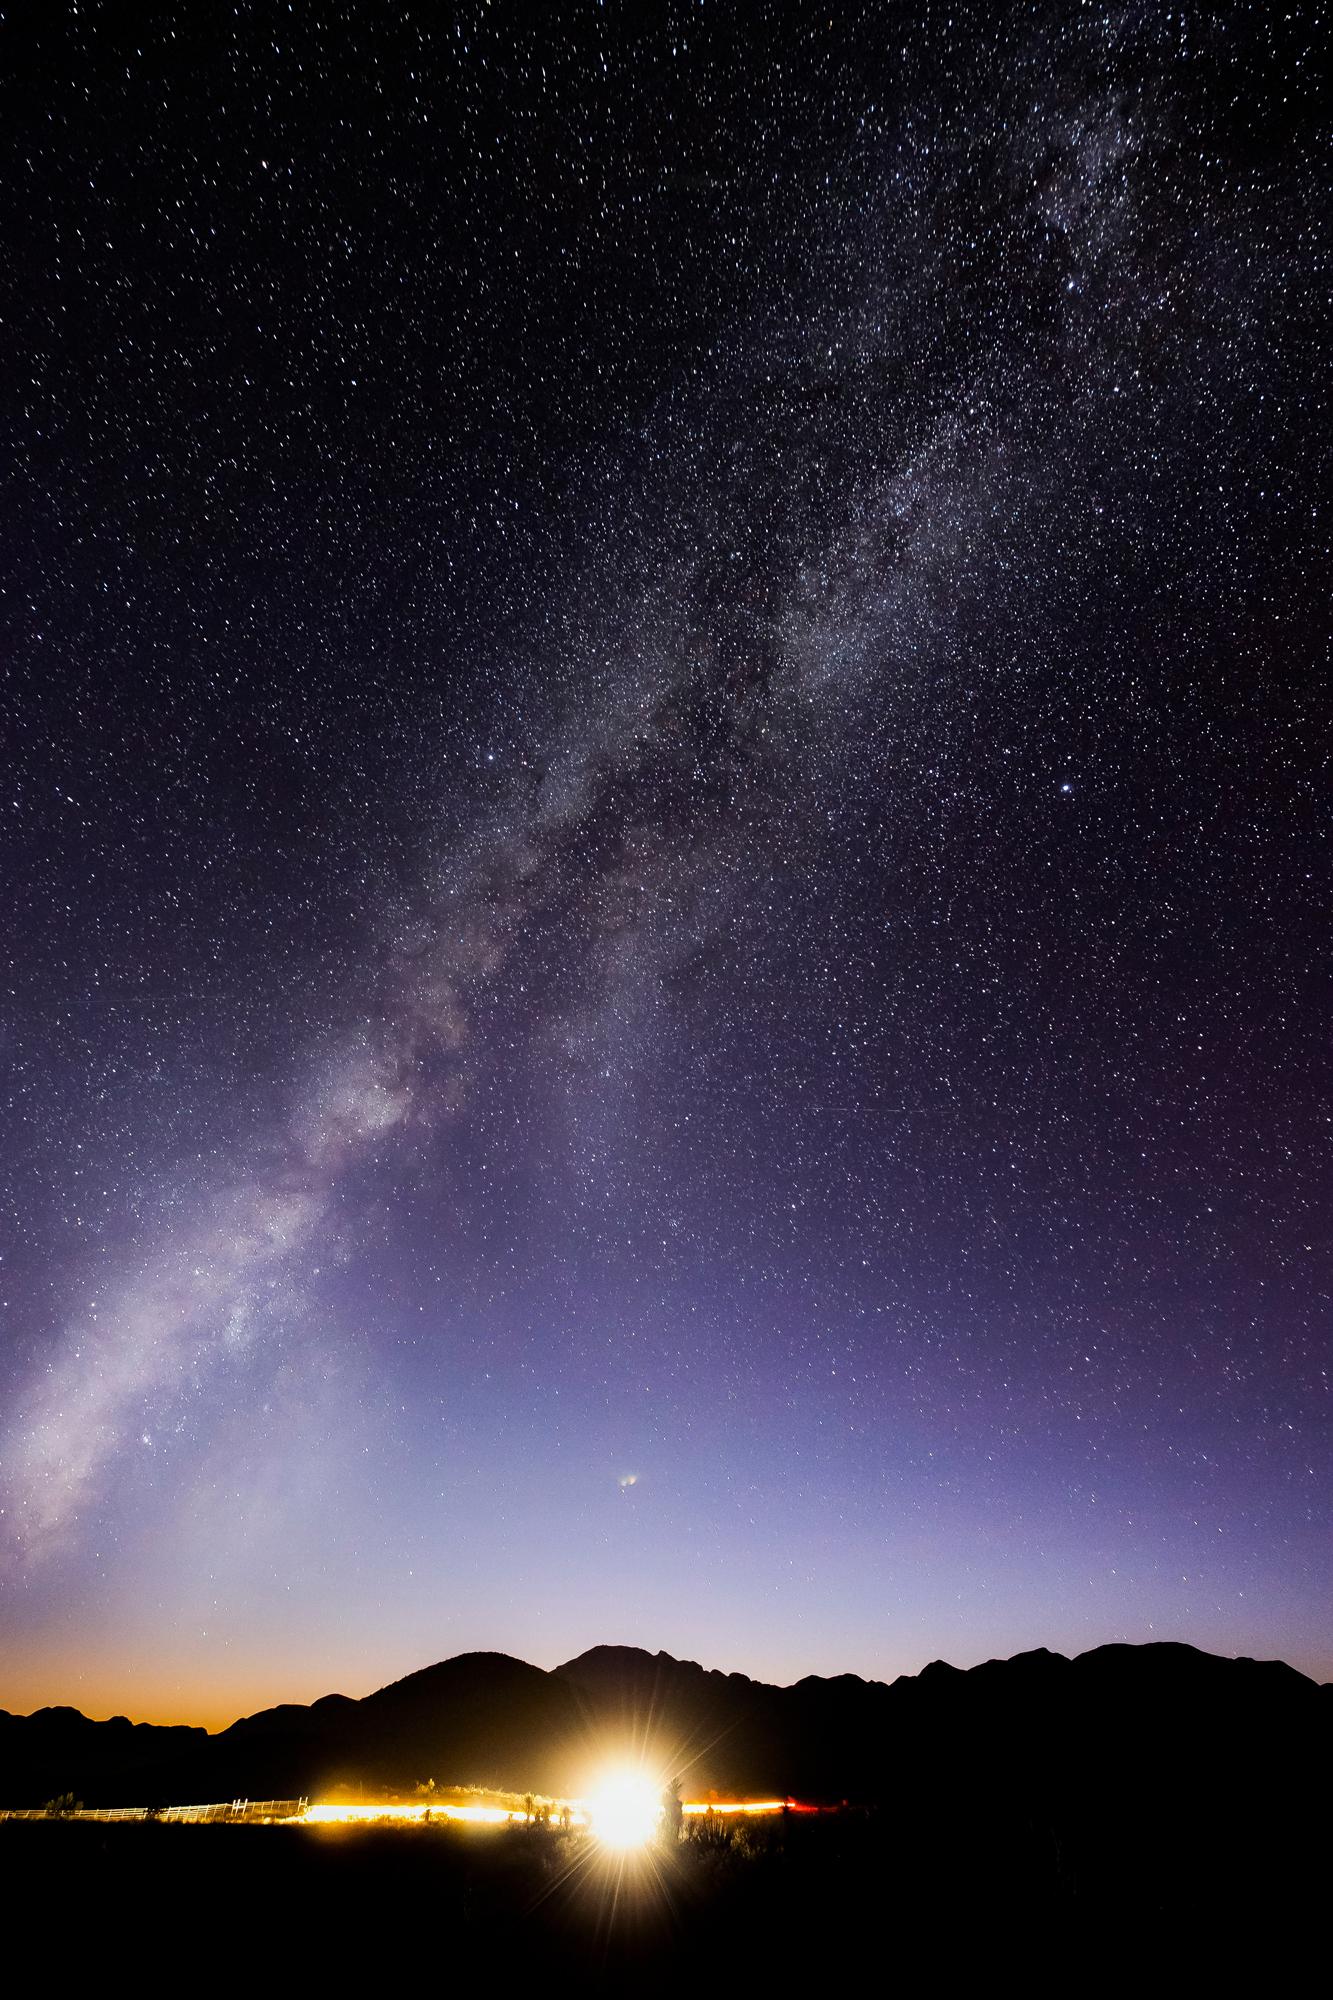 L'équipe de parachutisme Red Bull Air Force peint le ciel nocturne de façon éblouissante